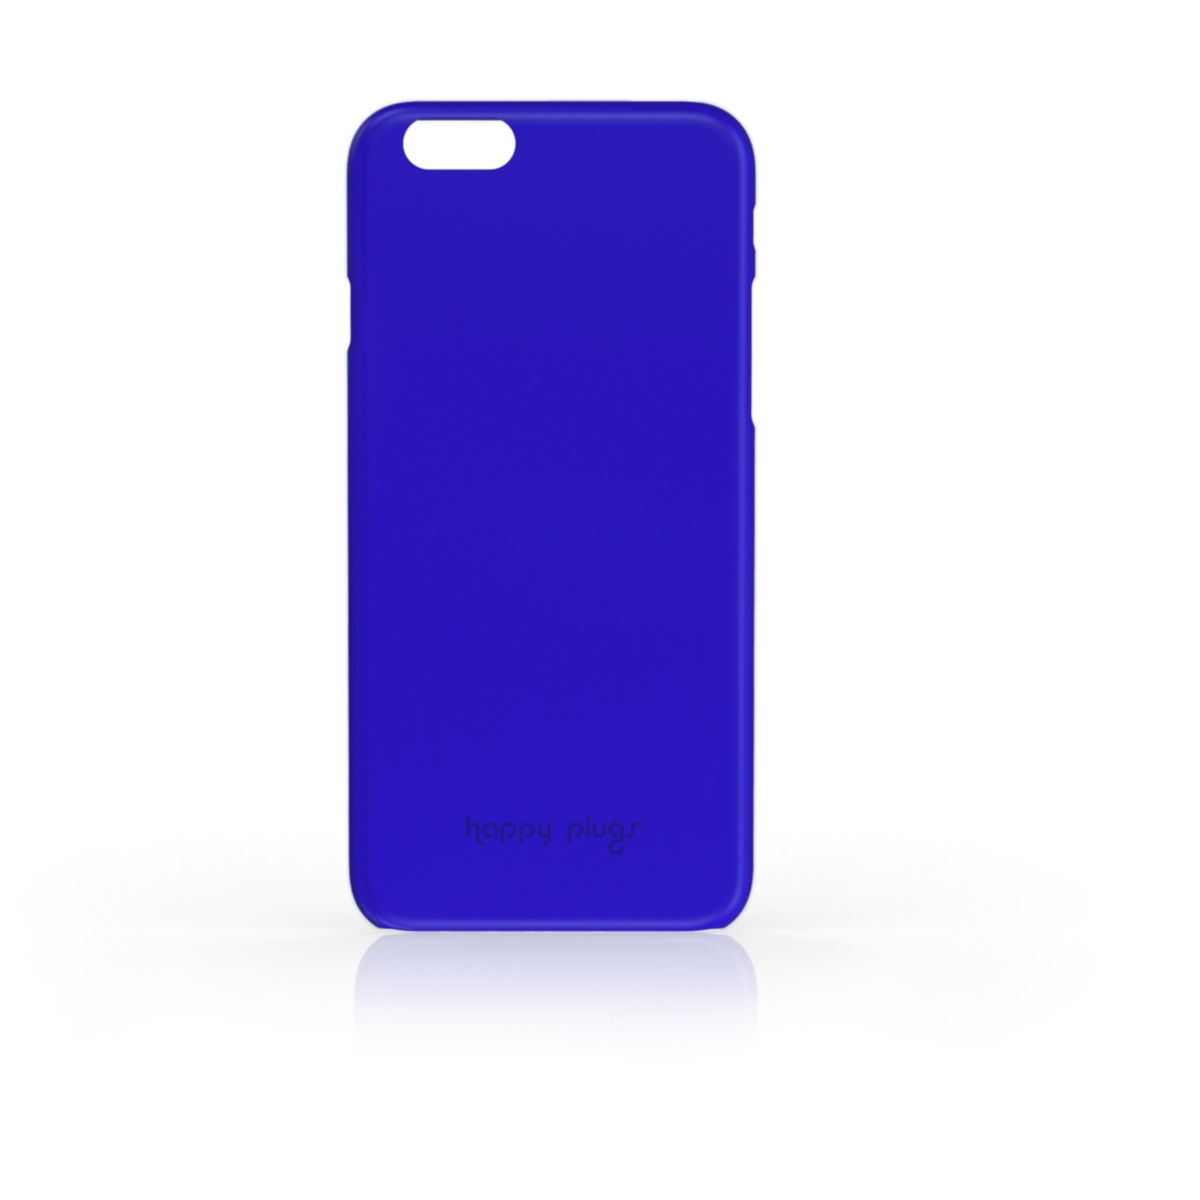 Coque HAPPY PLUGS iPhone 6 cobalt